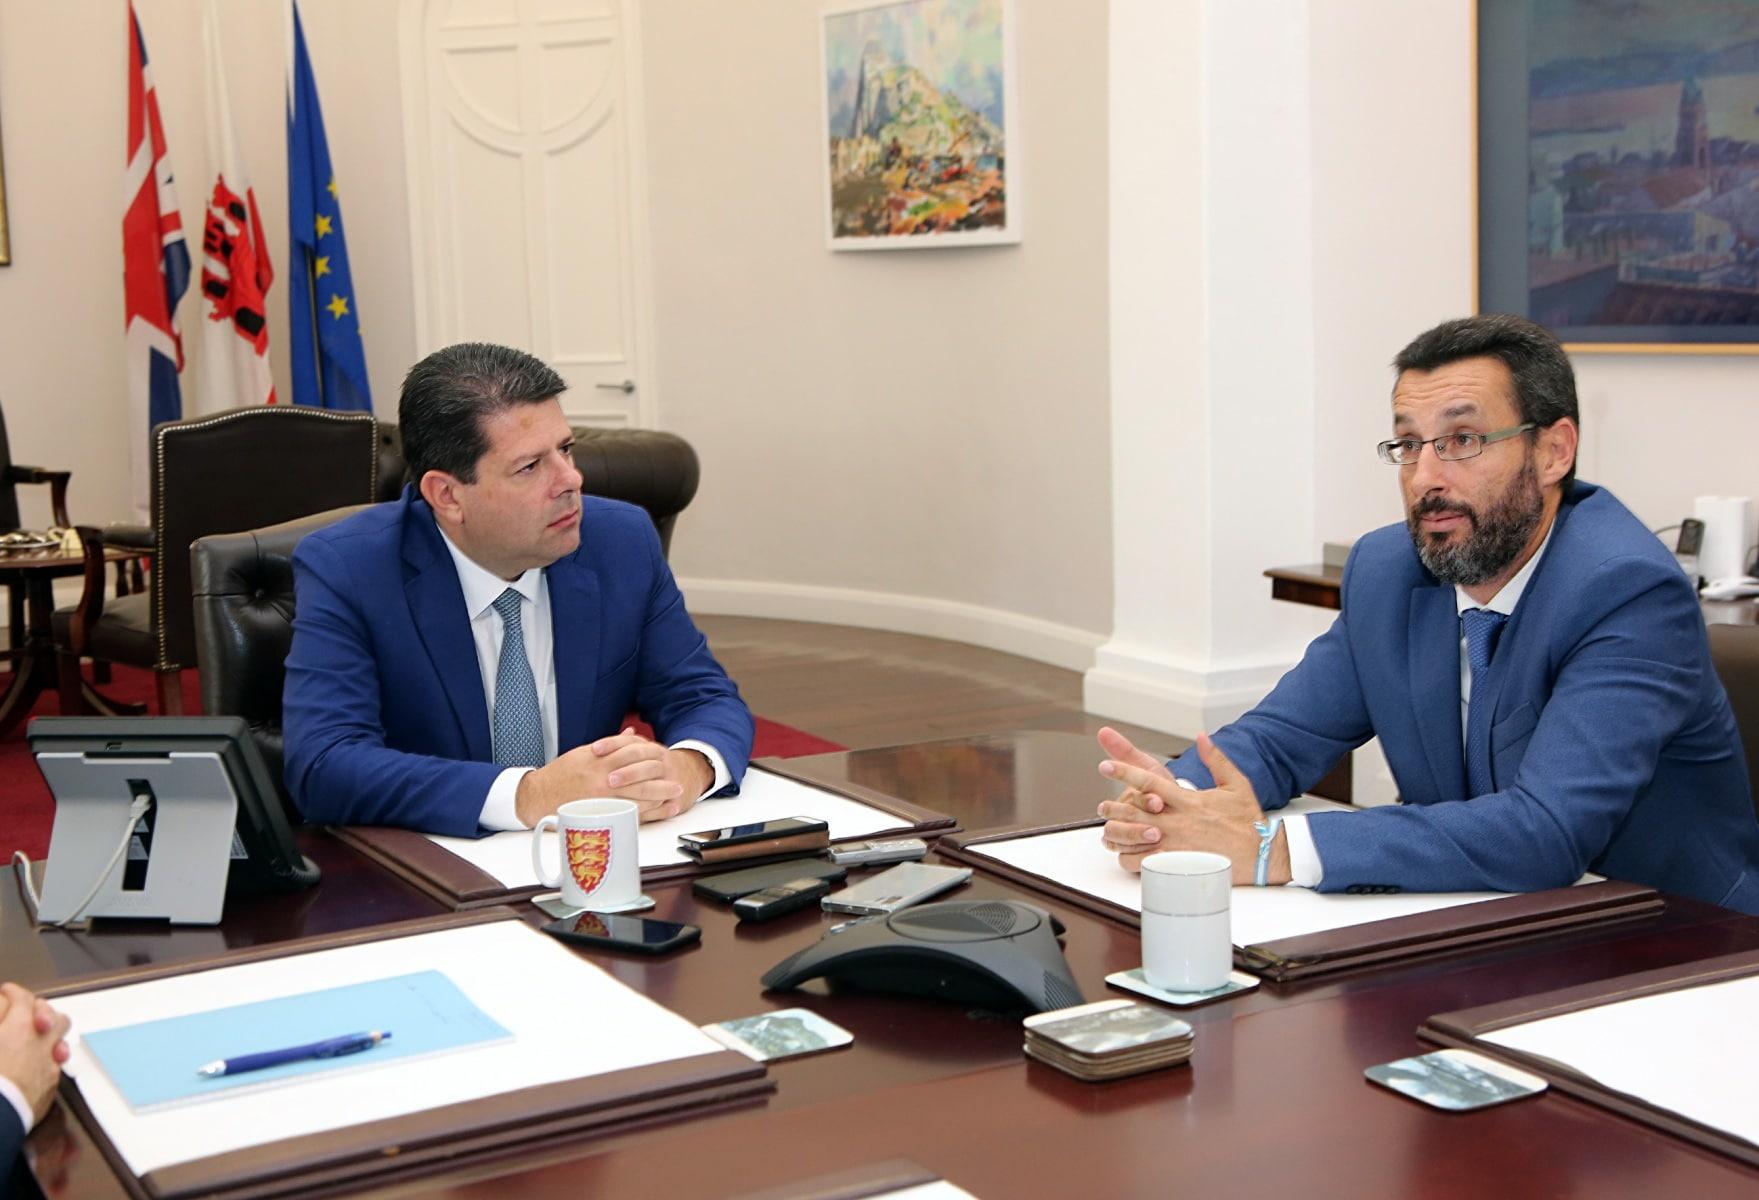 visita-del-alcalde-de-la-lnea-al-ministro-principal-de-gibraltar_48954605336_o